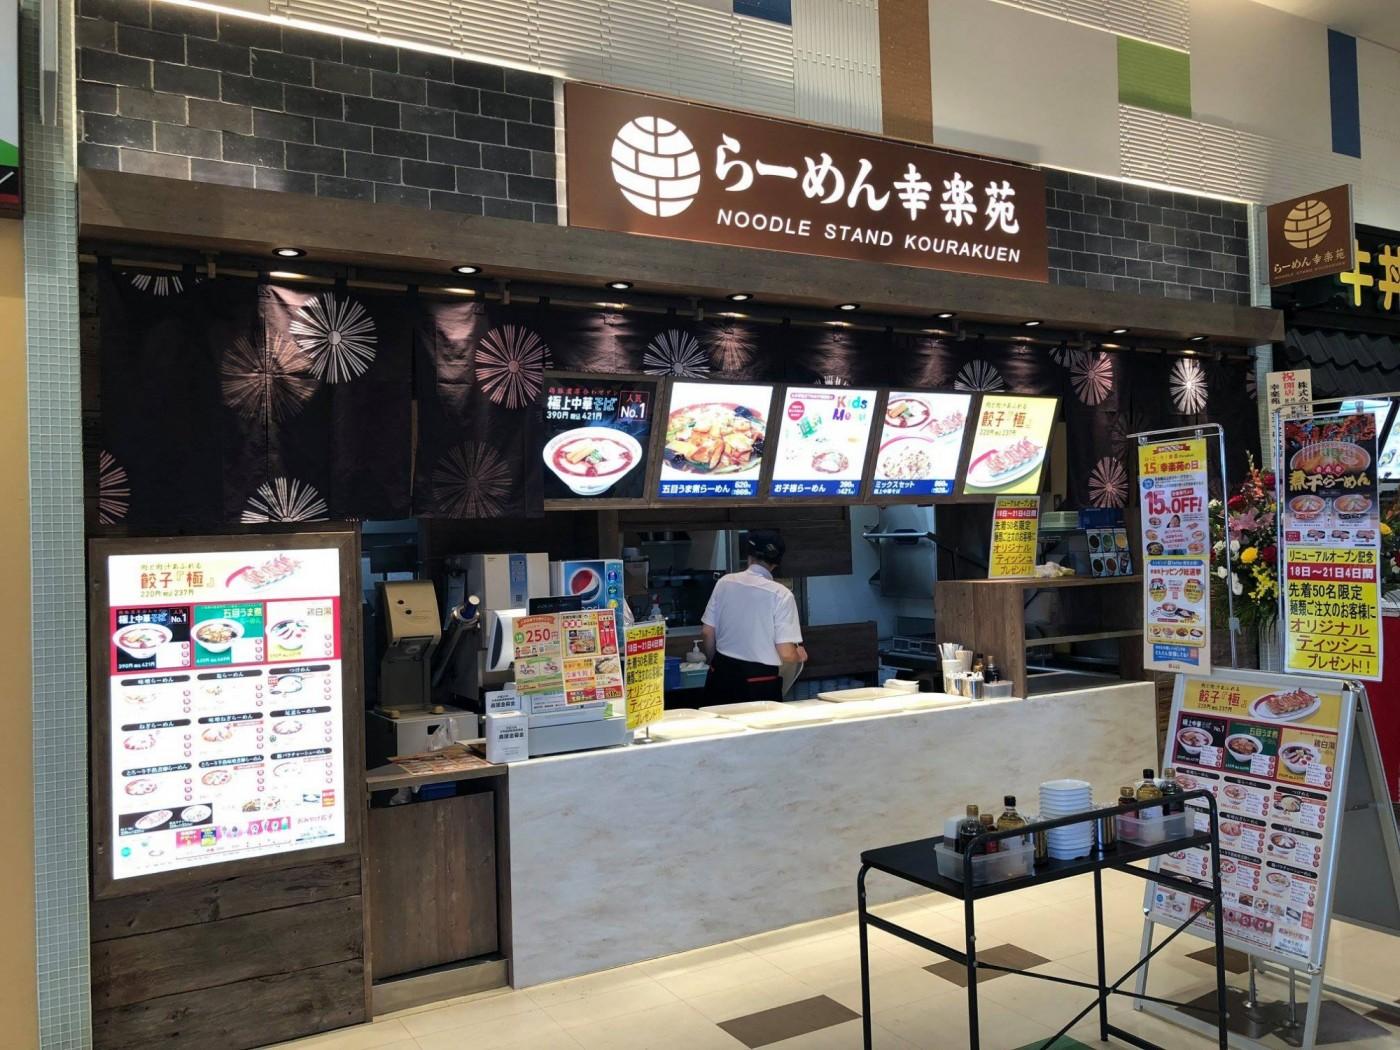 請假、換班、排休,店長最頭疼!日本連鎖拉麵品牌導入AI排班系統,解決人員調度痛點